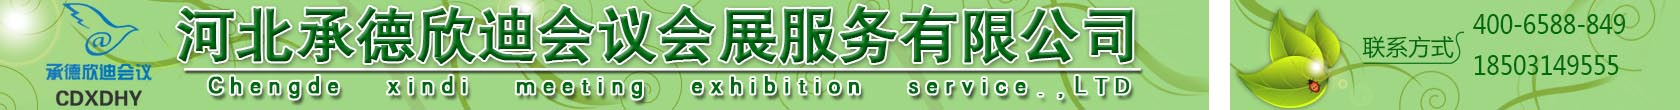 火狐体育注册送欣迪会议会展